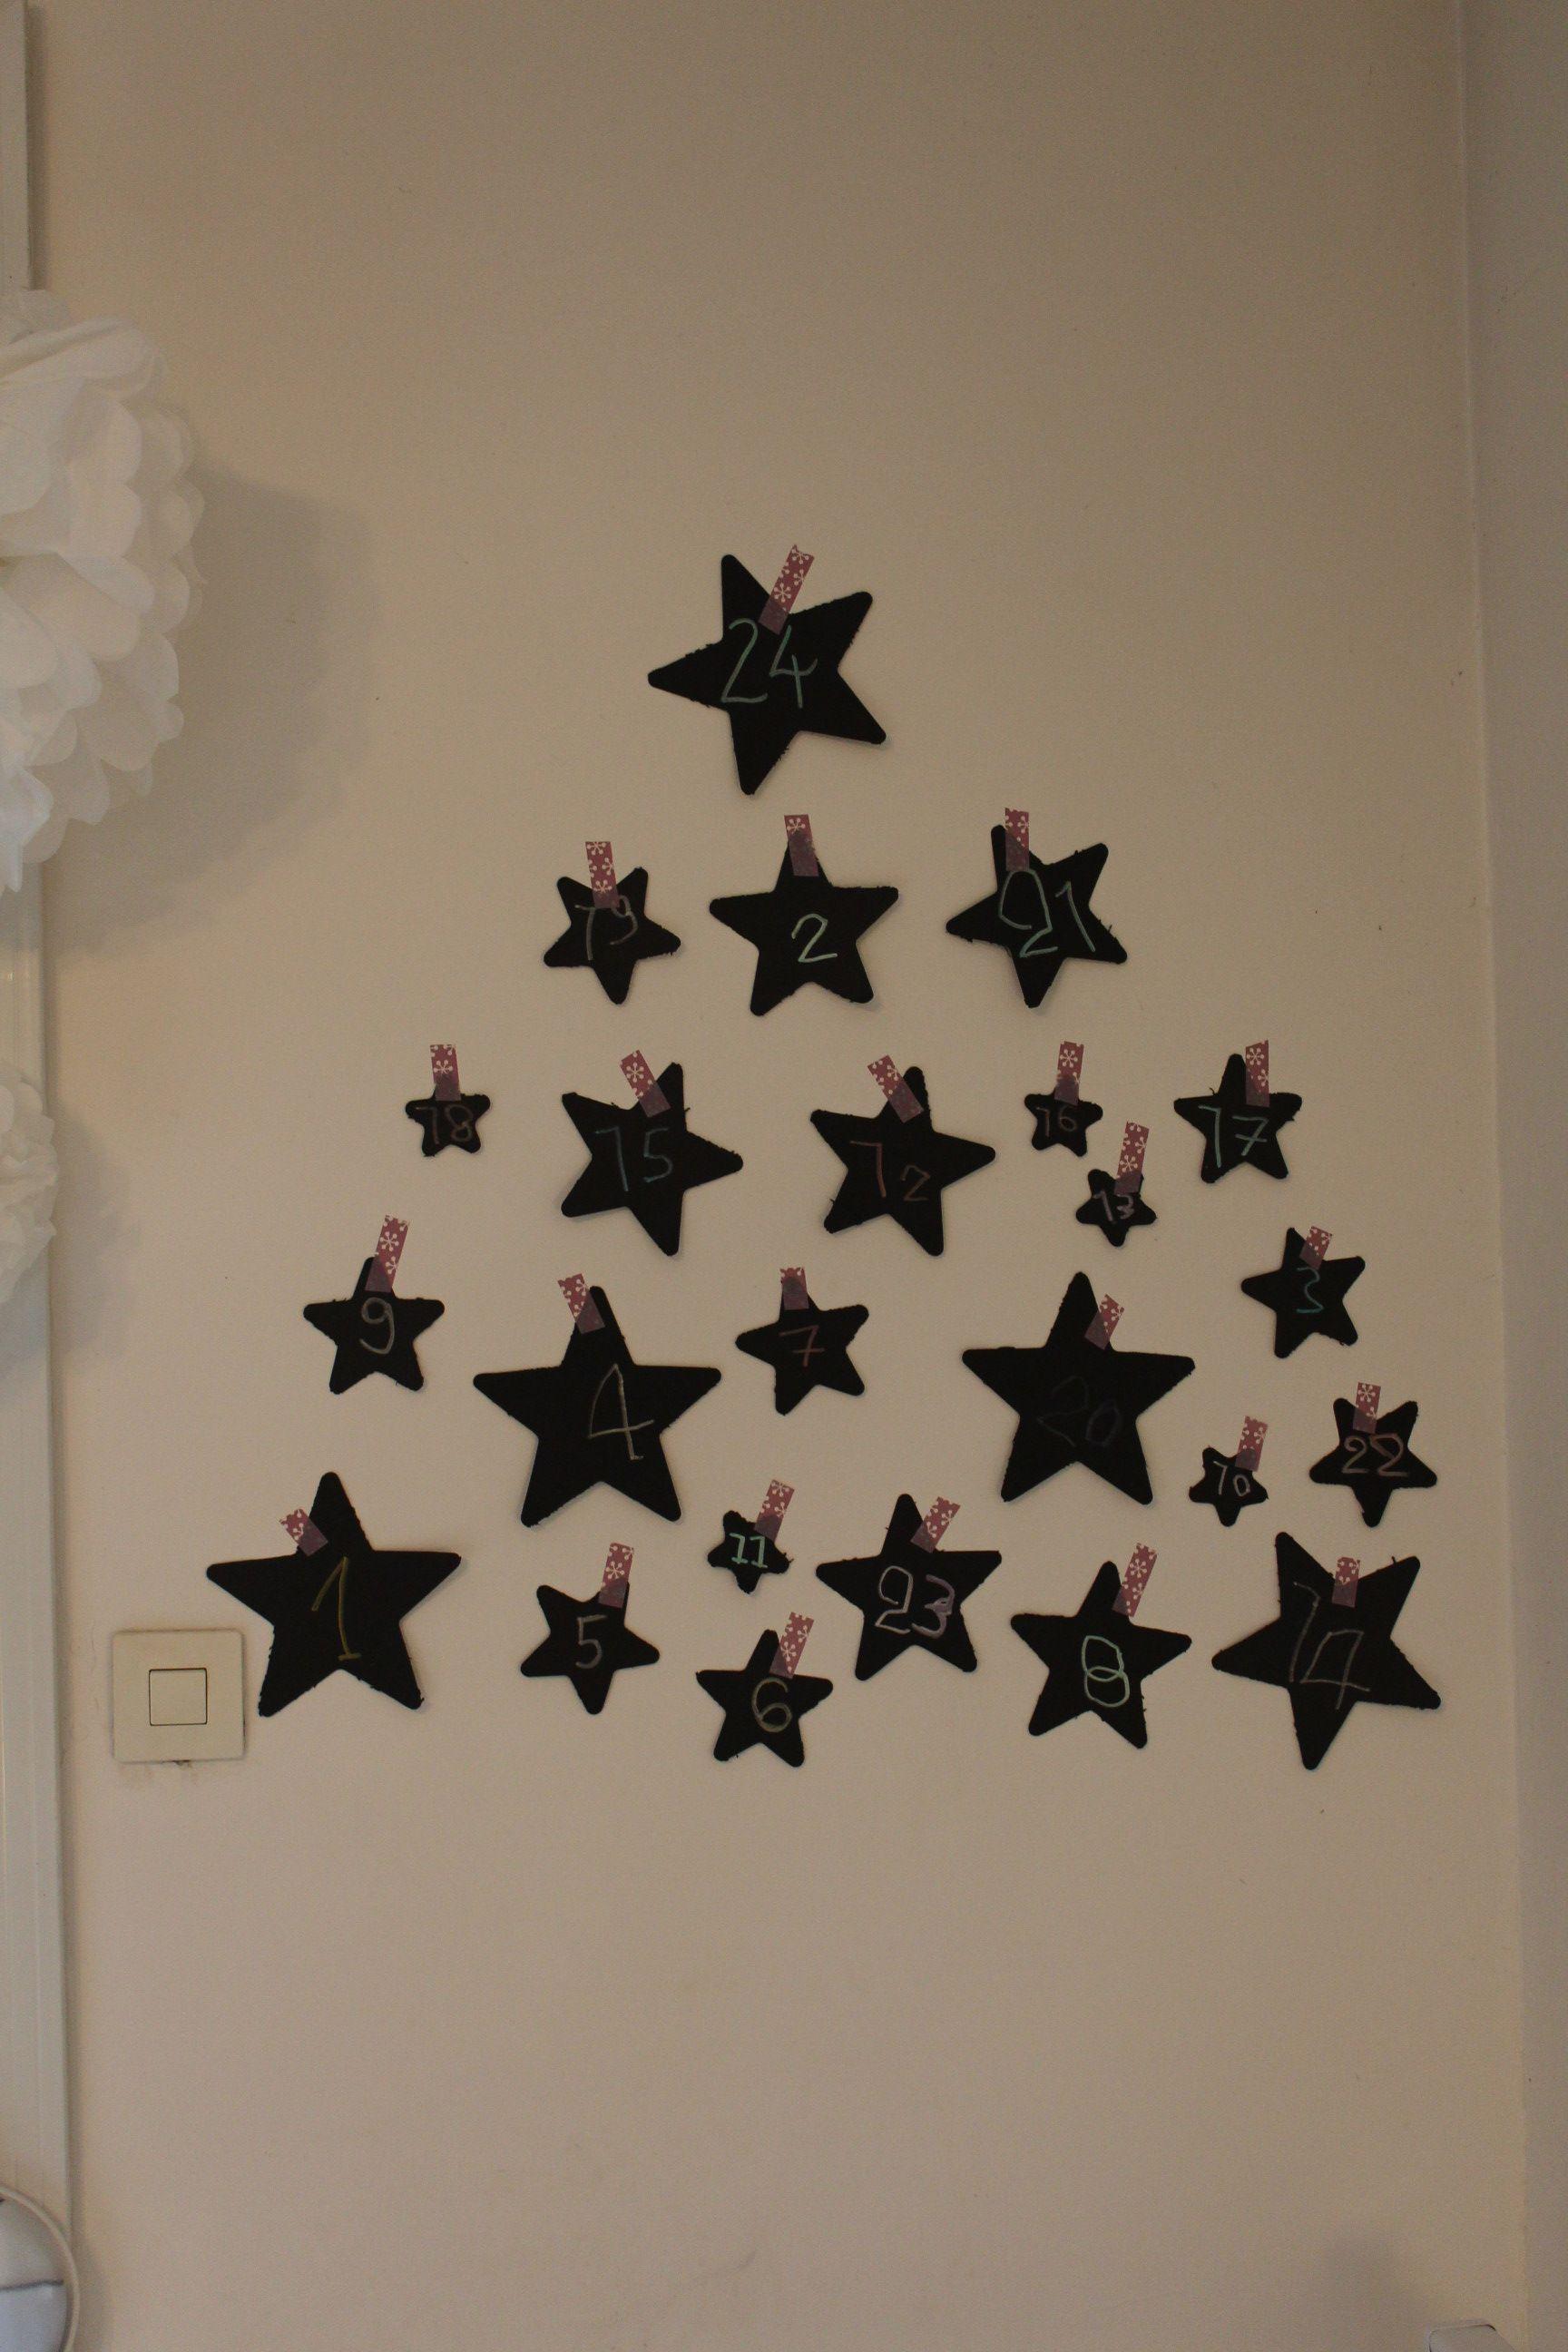 Diy faire son calendrier de l avent 24 petites surprises pour les enfants avant no l bon Magasin de bricolage pour enfant